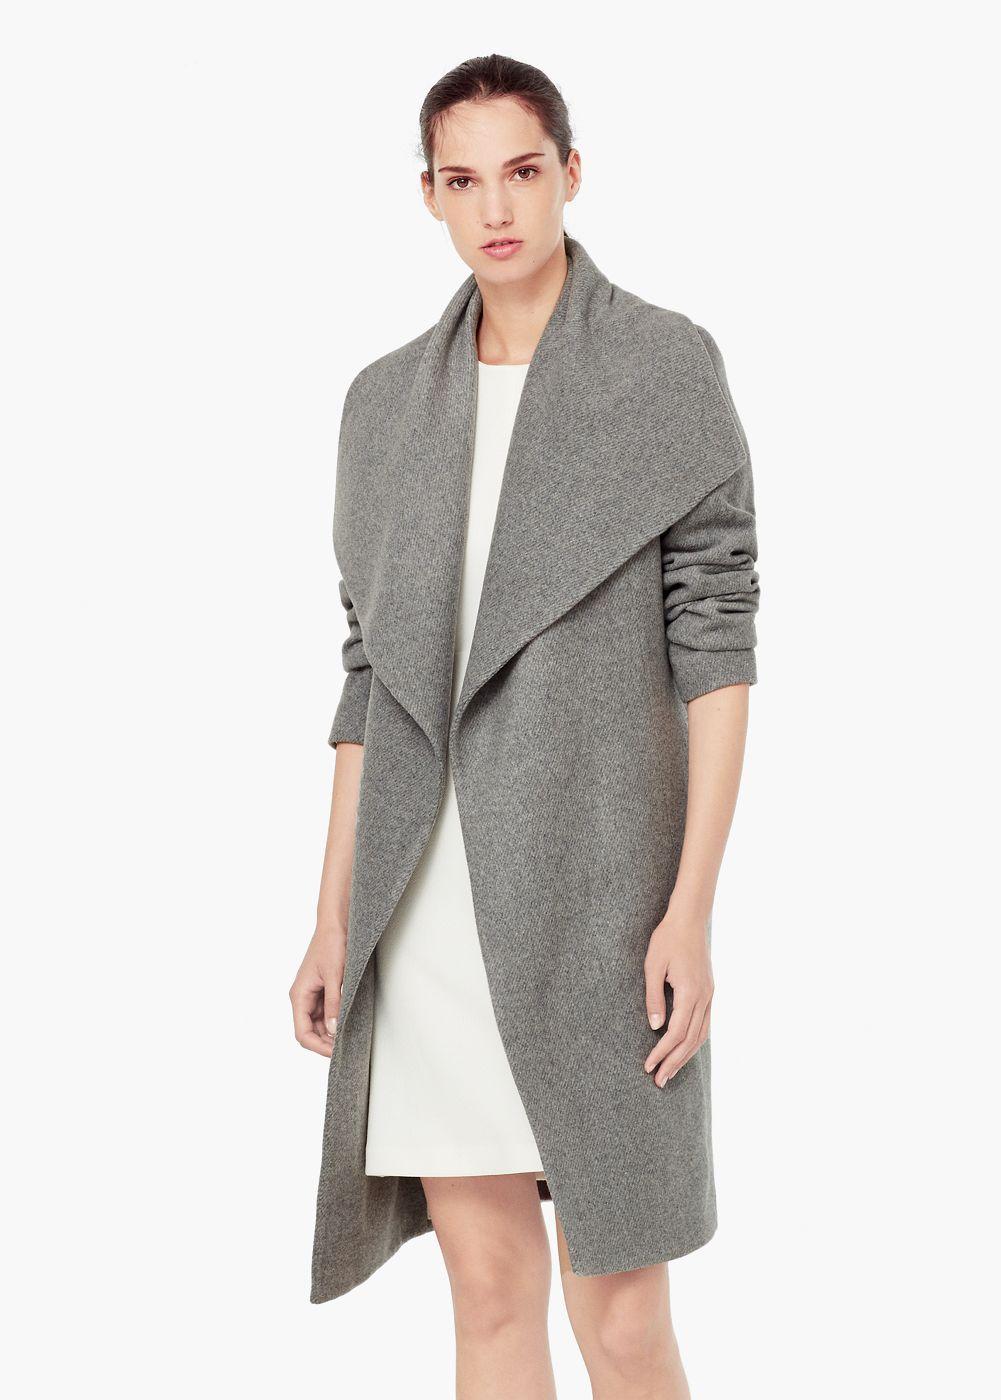 Mantel mango grau